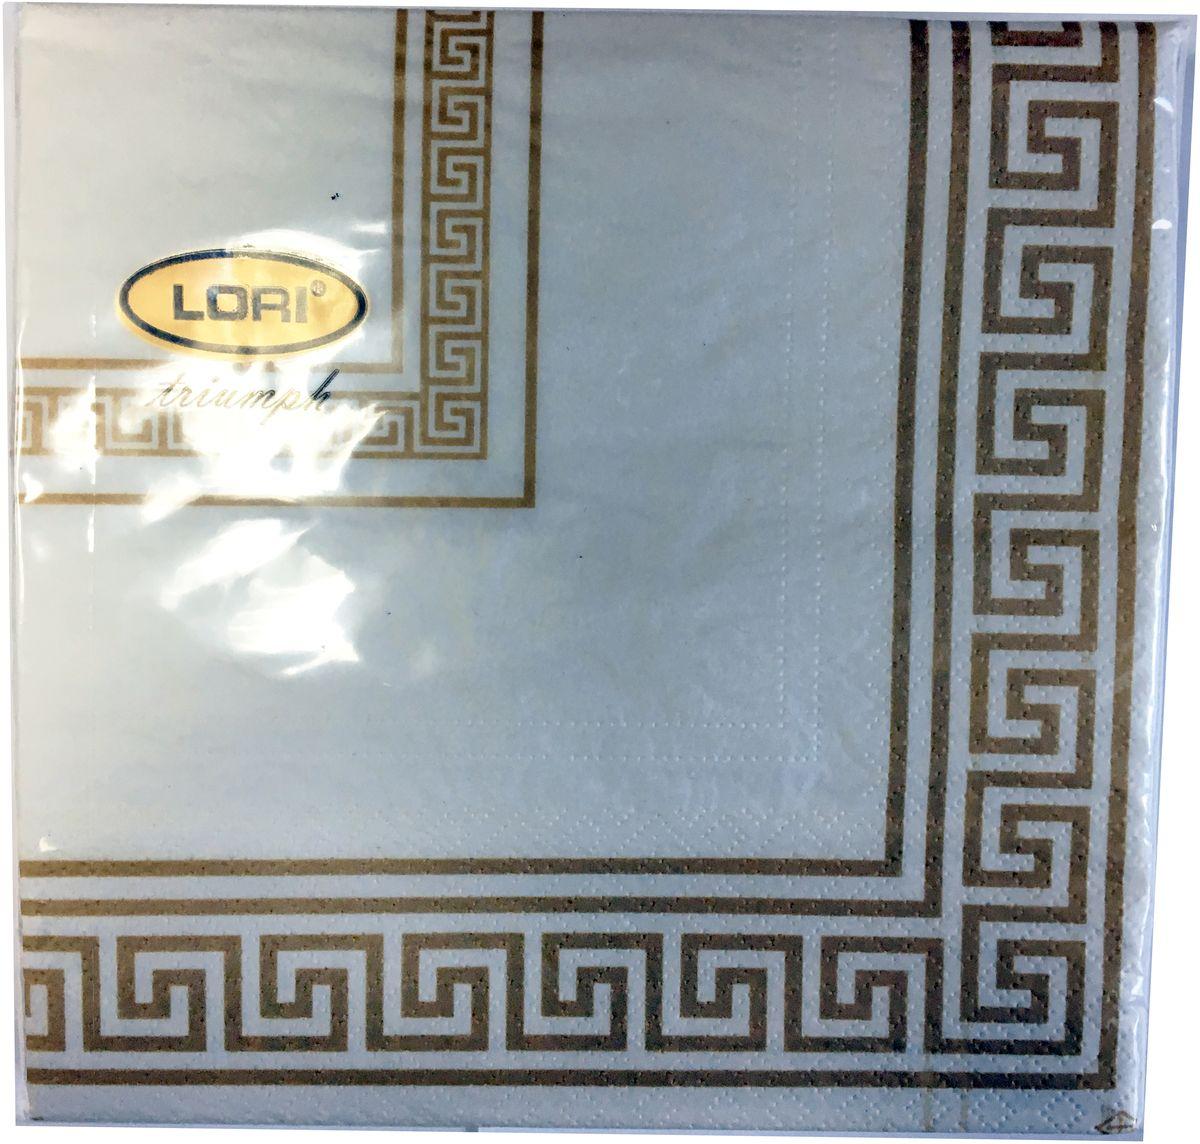 Салфетки бумажные Lori Triumph, трехслойные, цвет: коричневый, белый, 33 х 33 см, 20 шт. 56058NN-606-LS-GRДекоративные трехслойные салфетки Lori Triumph выполнены из 100% целлюлозы и оформлены ярким рисунком. Изделия станут отличным дополнением любого праздничного стола. Они отличаются необычной мягкостью, прочностью и оригинальностью.Размер салфеток в развернутом виде: 33 х 33 см.